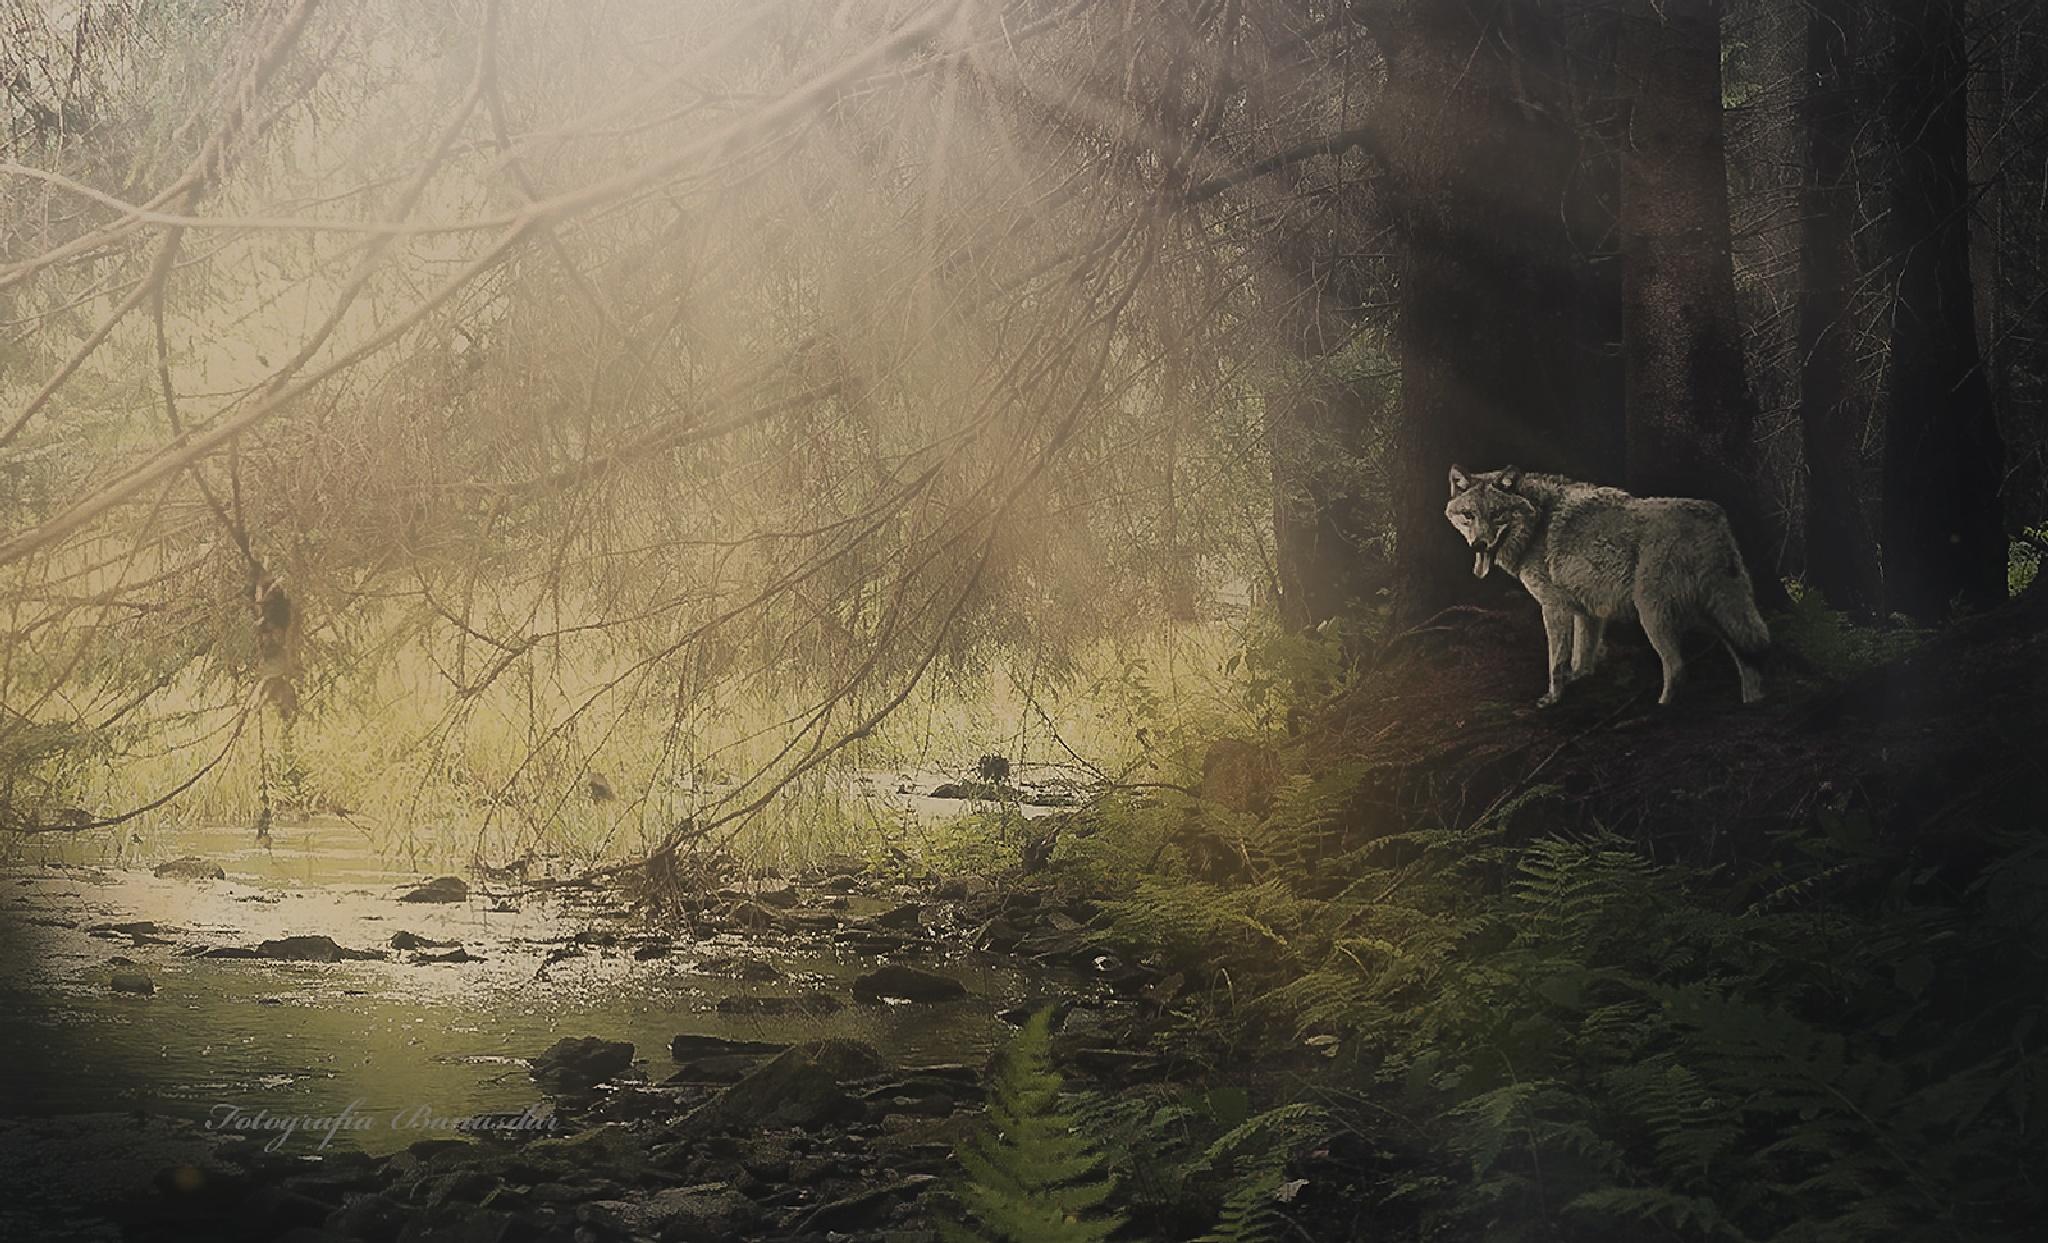 Untitled by Dariusz Banas